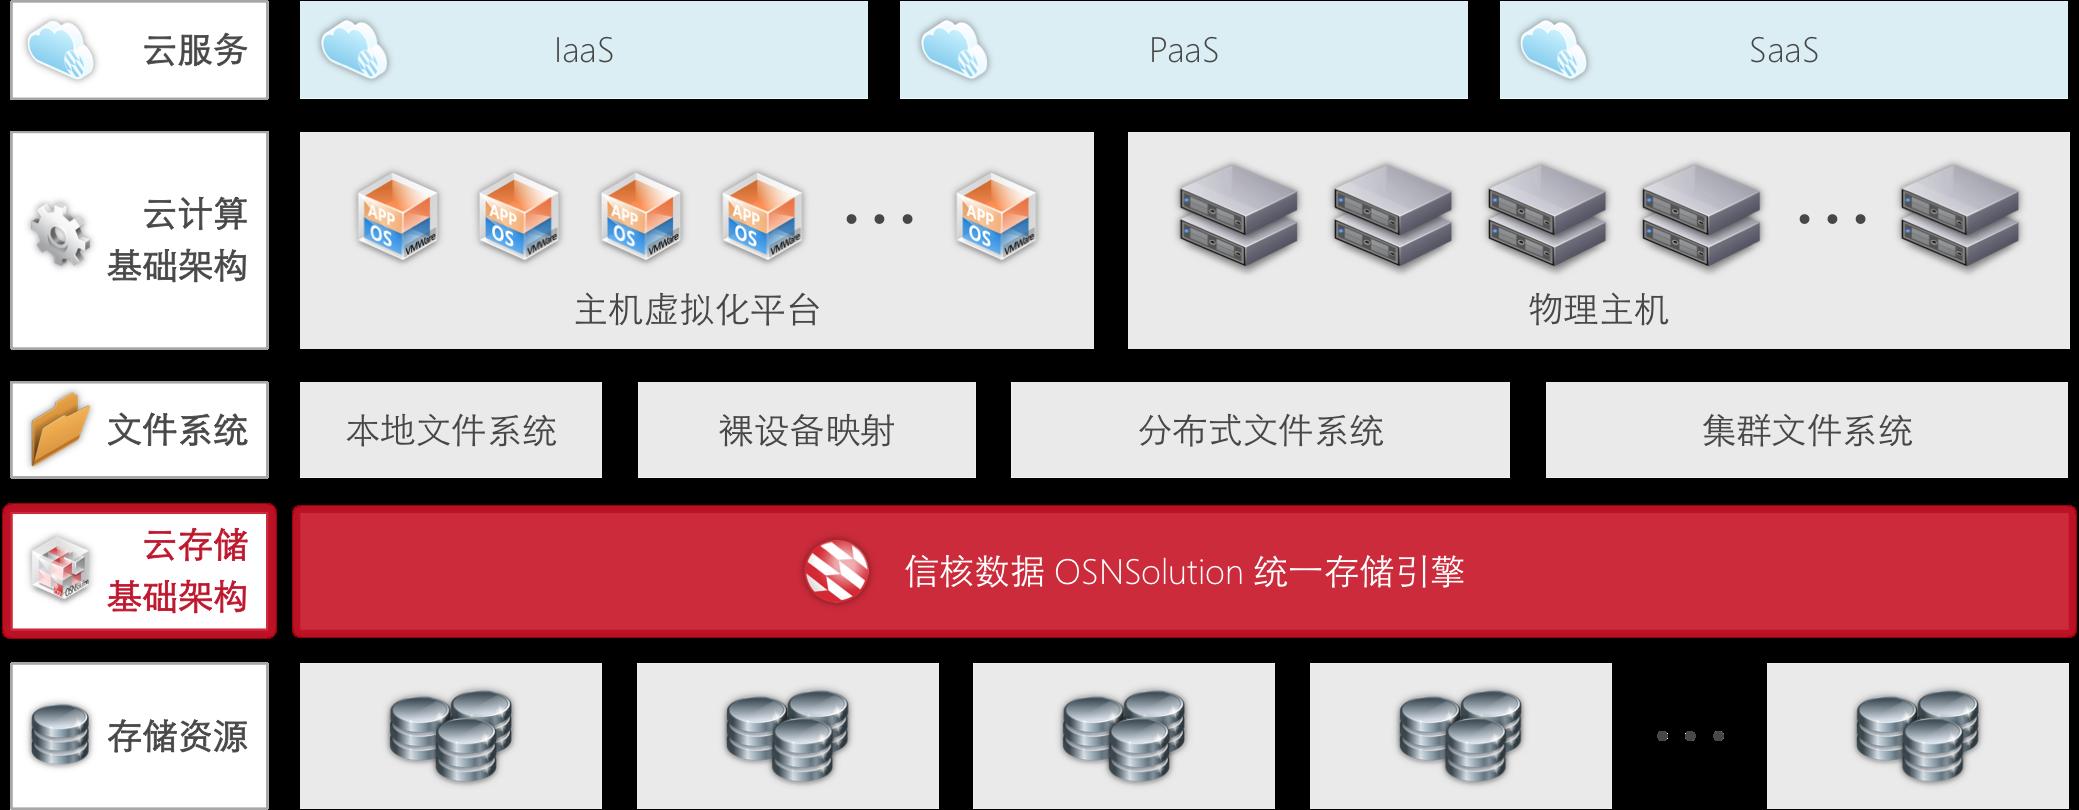 云存储基础架构 - 云存储